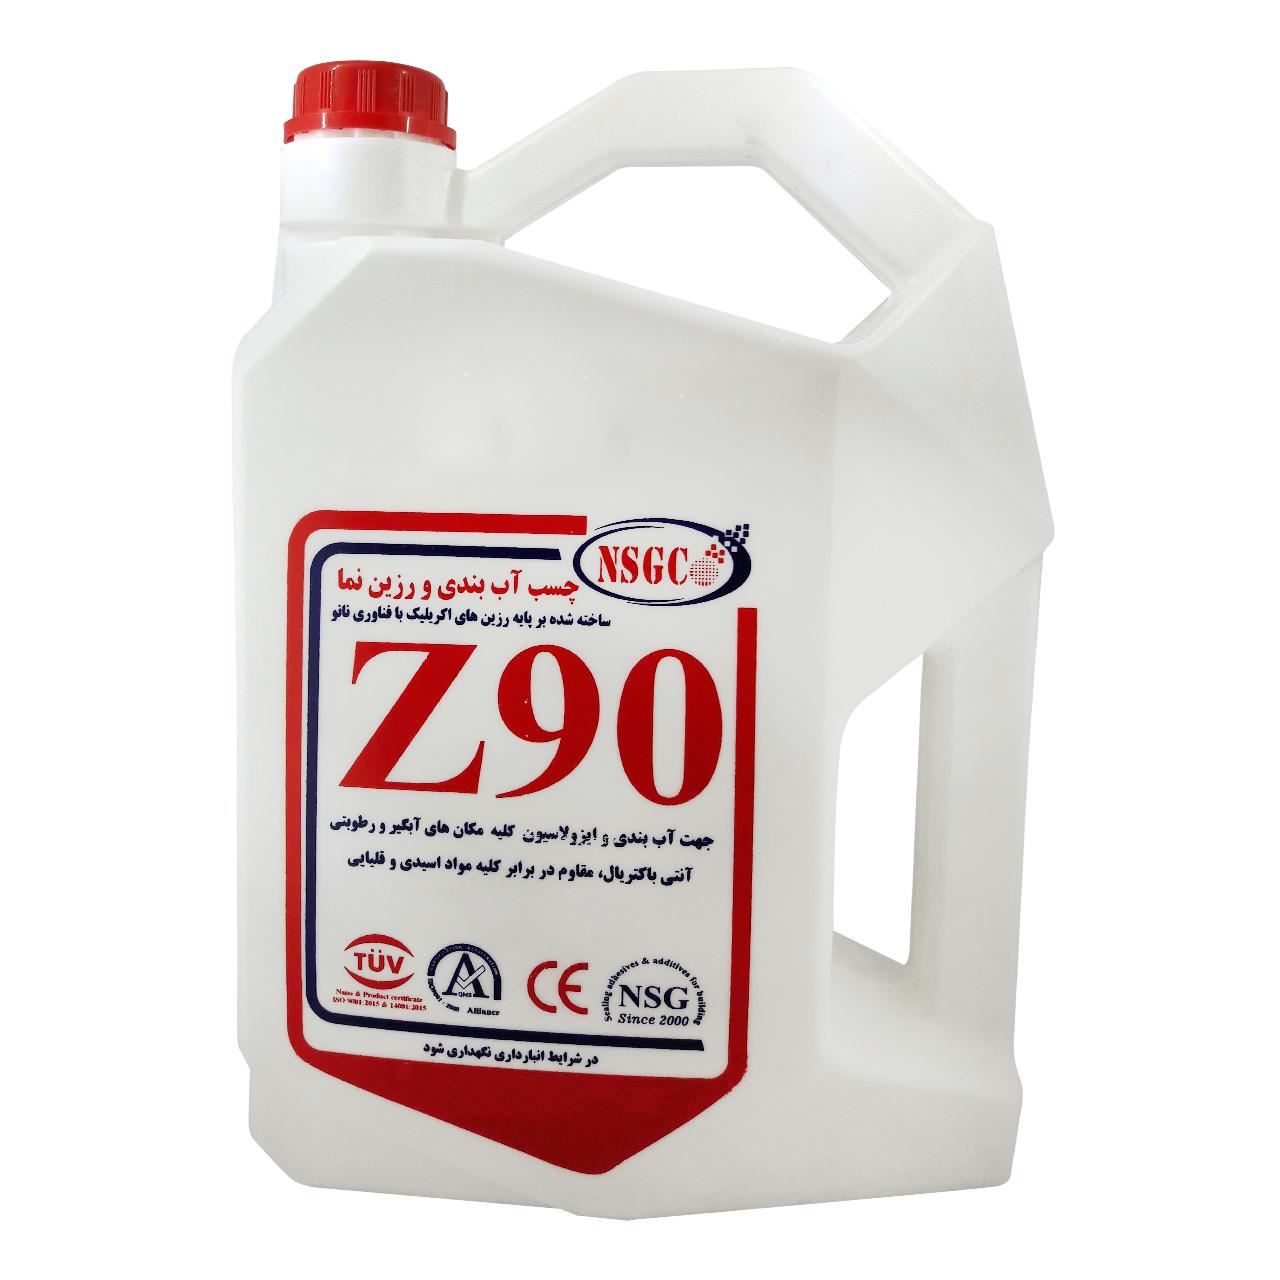 چسب آب بندی و رزین نما ان اس جی مدل Z90 حجم 4 لیتر